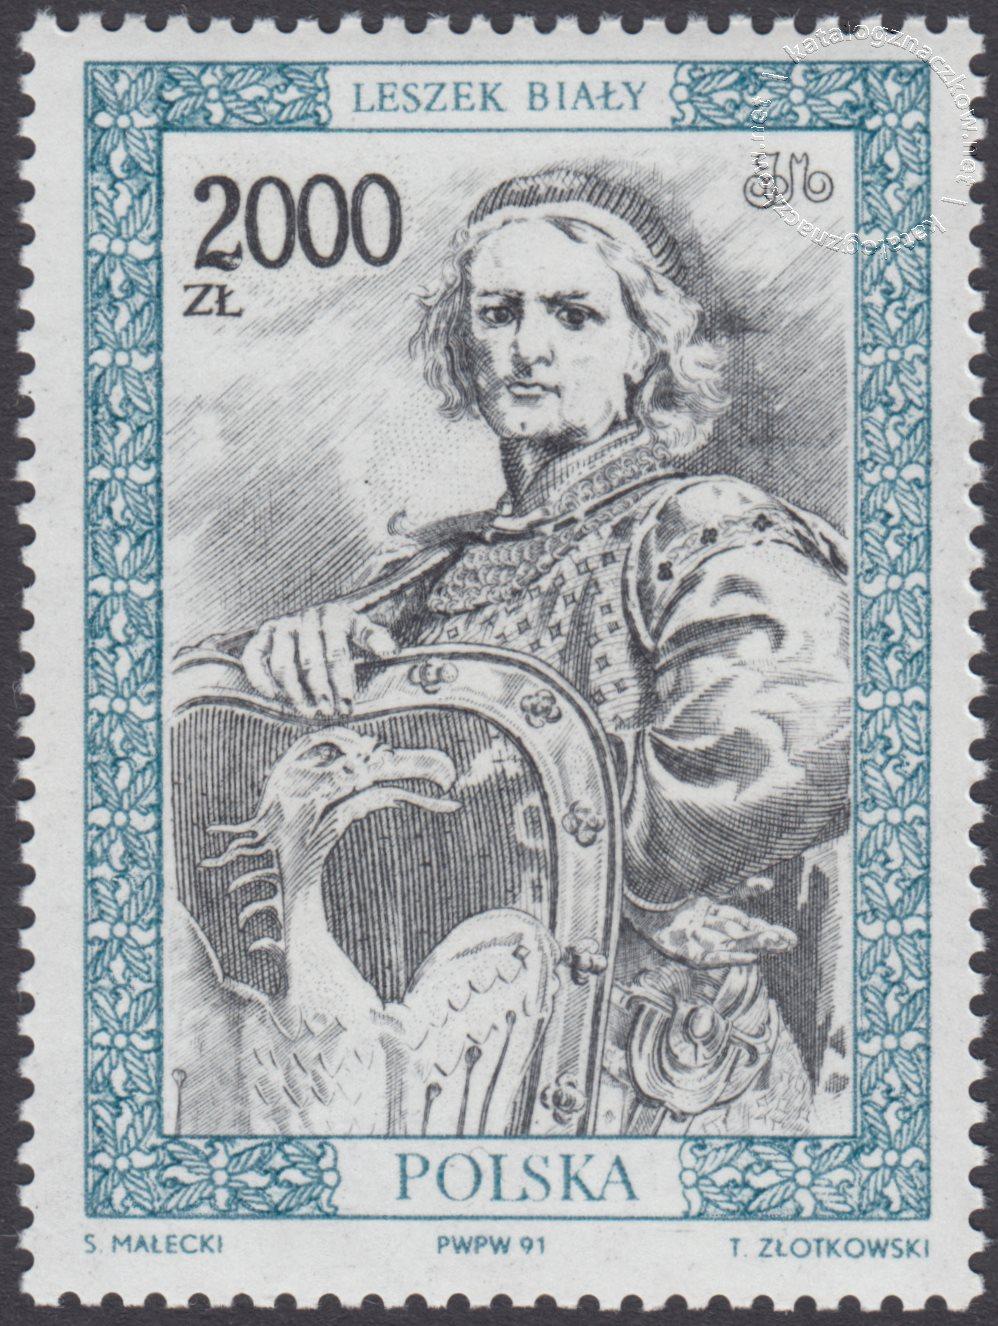 Poczet królów i książąt polskich znaczek nr 3214